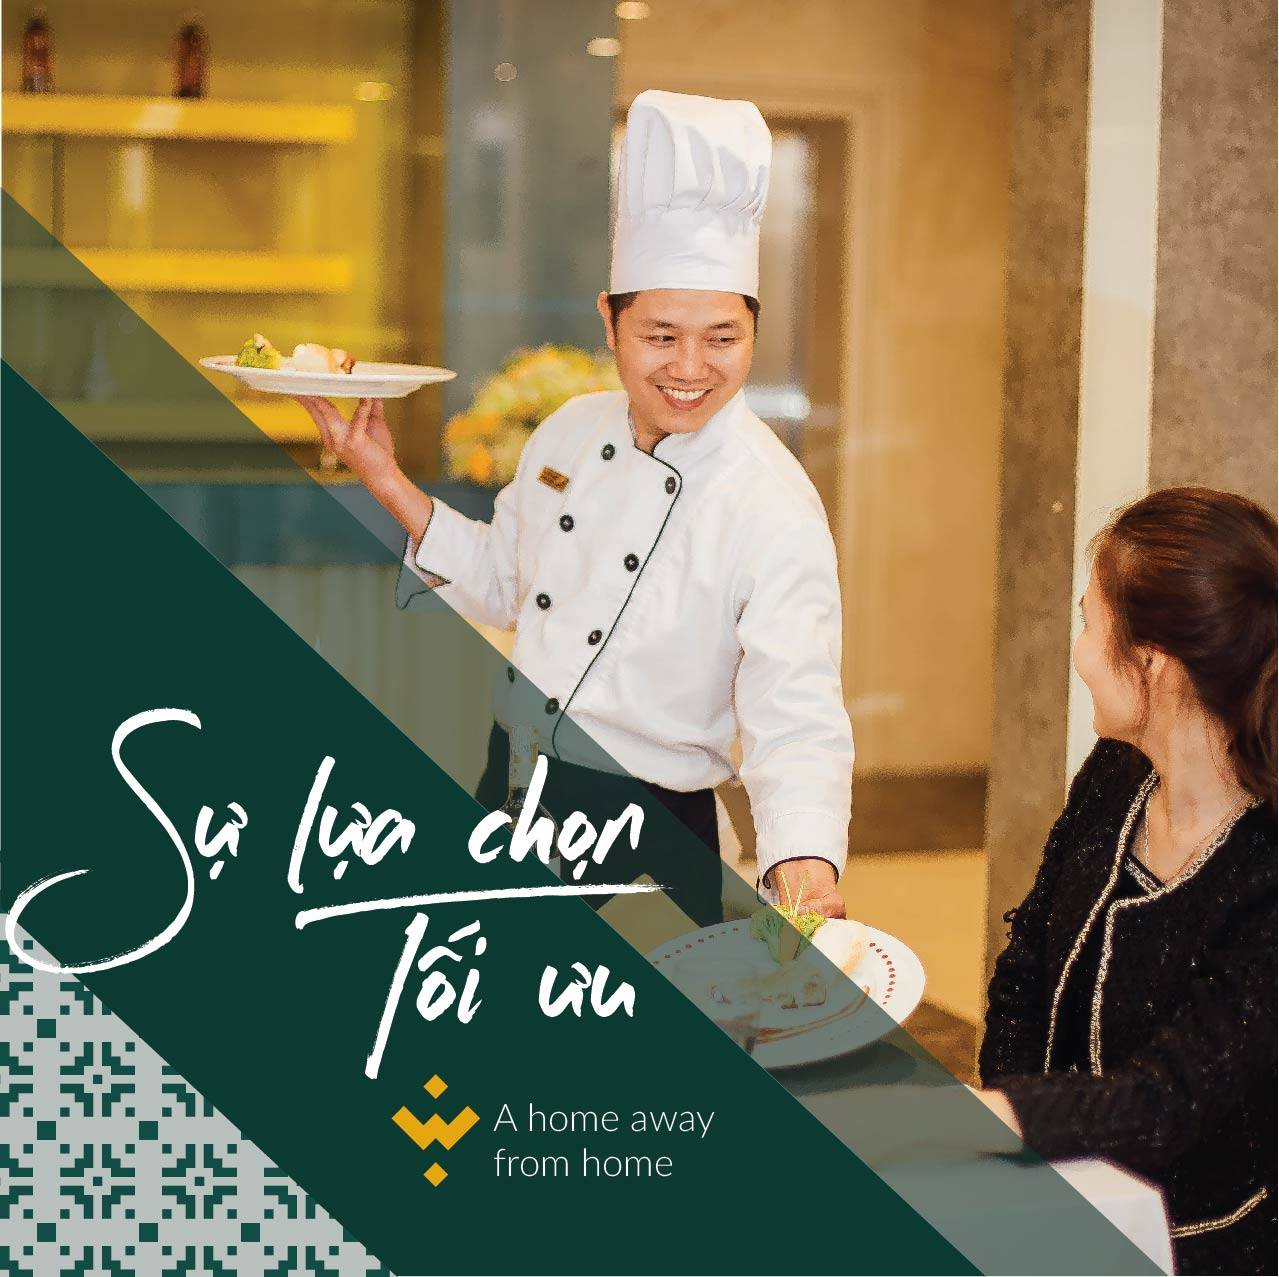 Tập đoàn khách sạn Mường Thanh ra mắt bộ phận nhận diện thương hiệu mới 'Bản sắc Việt - Bản sắc Mường Thanh' 2